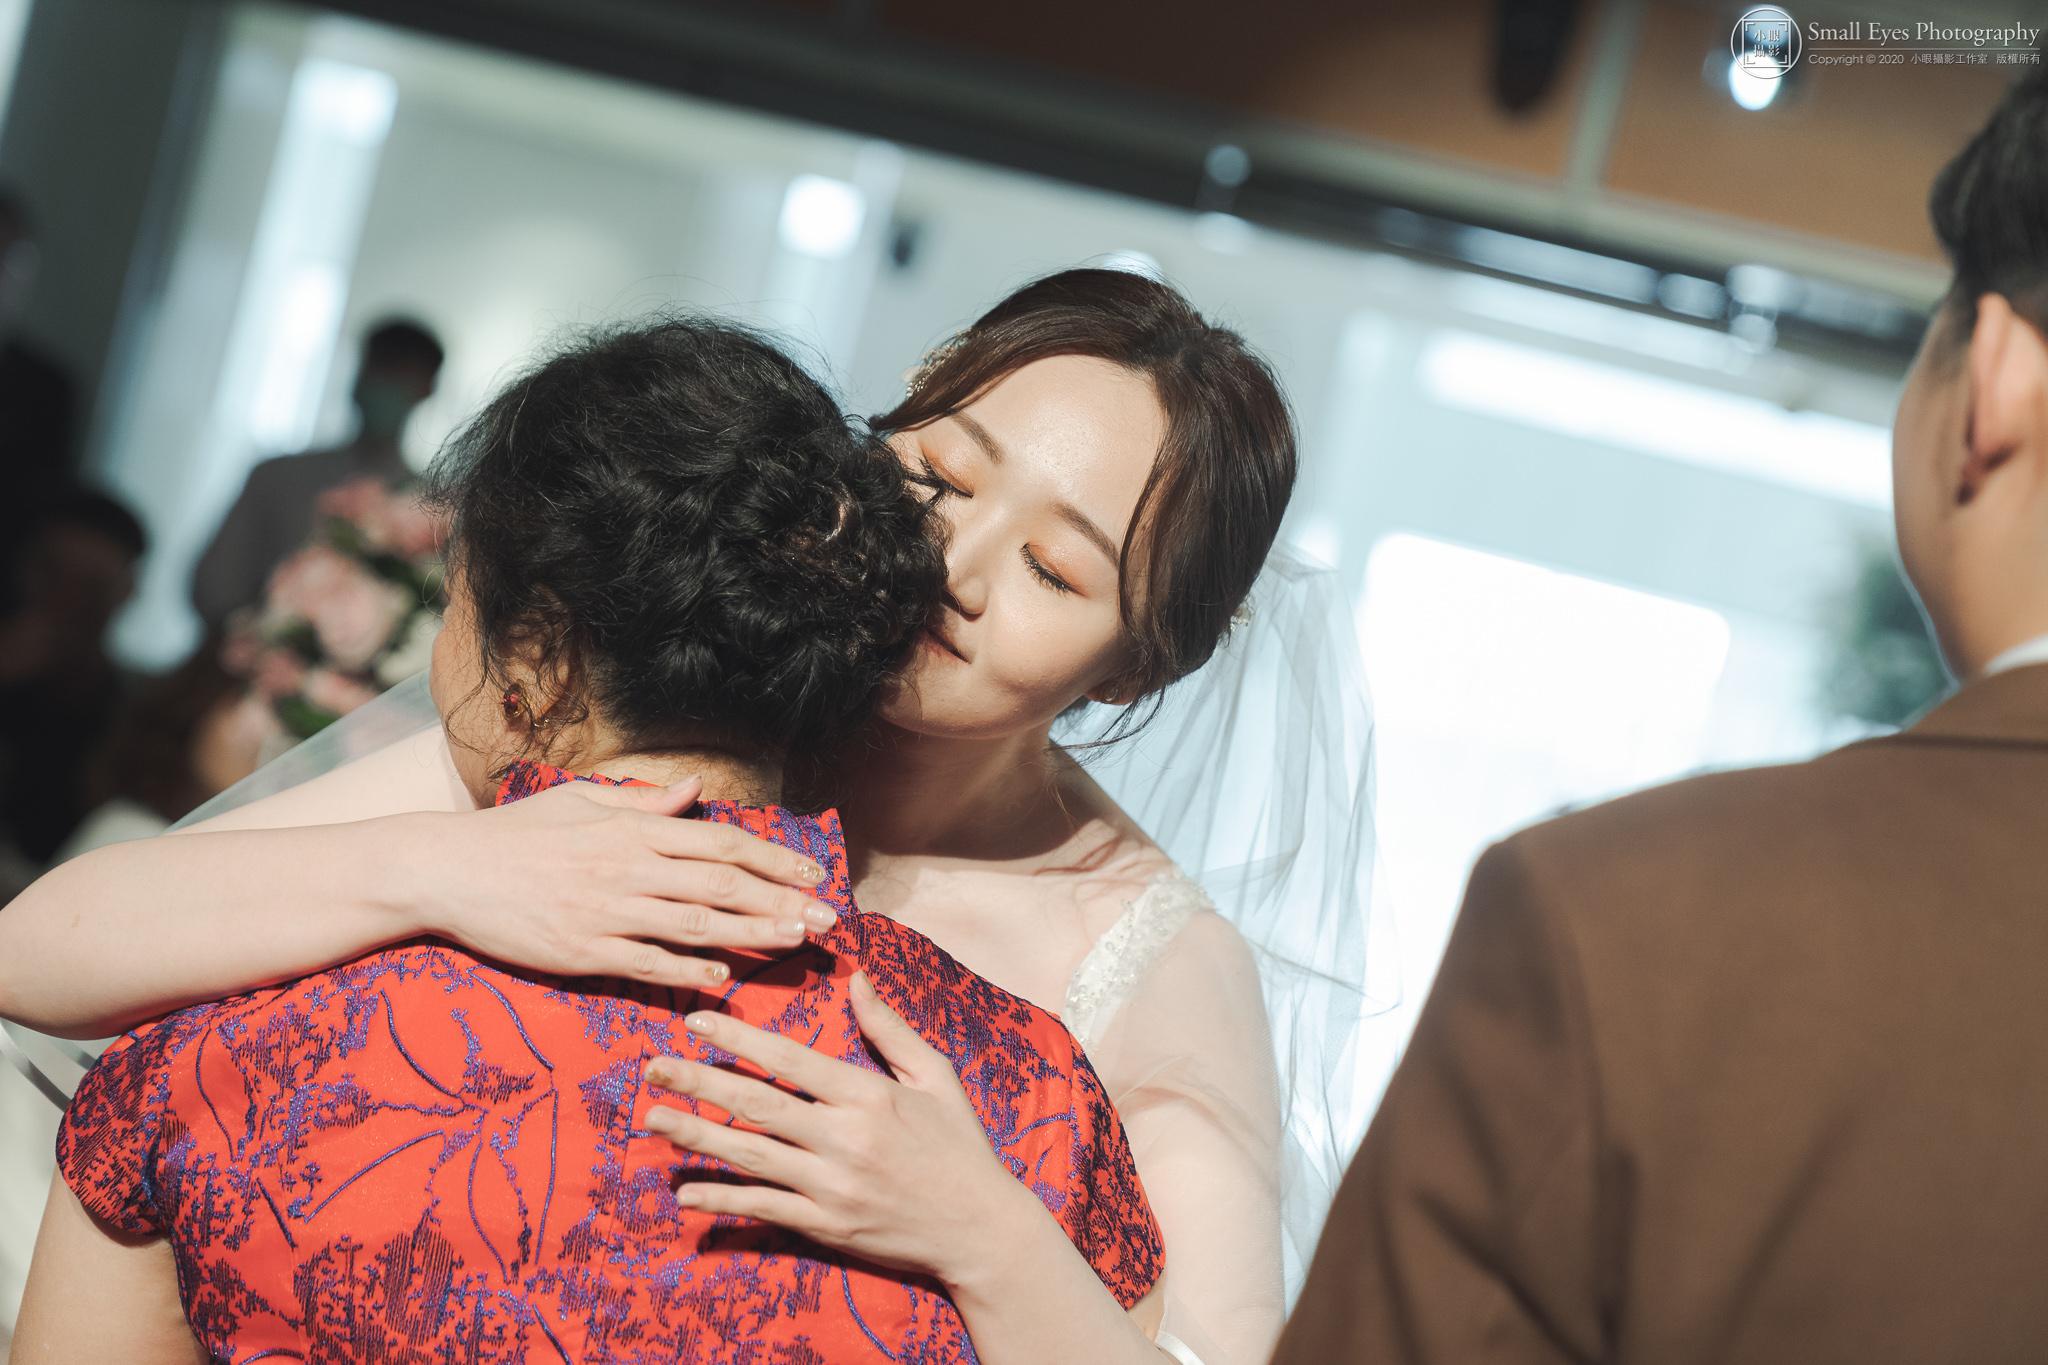 小眼攝影,傅祐承,婚禮攝影,婚攝,婚禮紀實,婚禮紀錄,台中,裕元花園,酒店,母女,擁抱